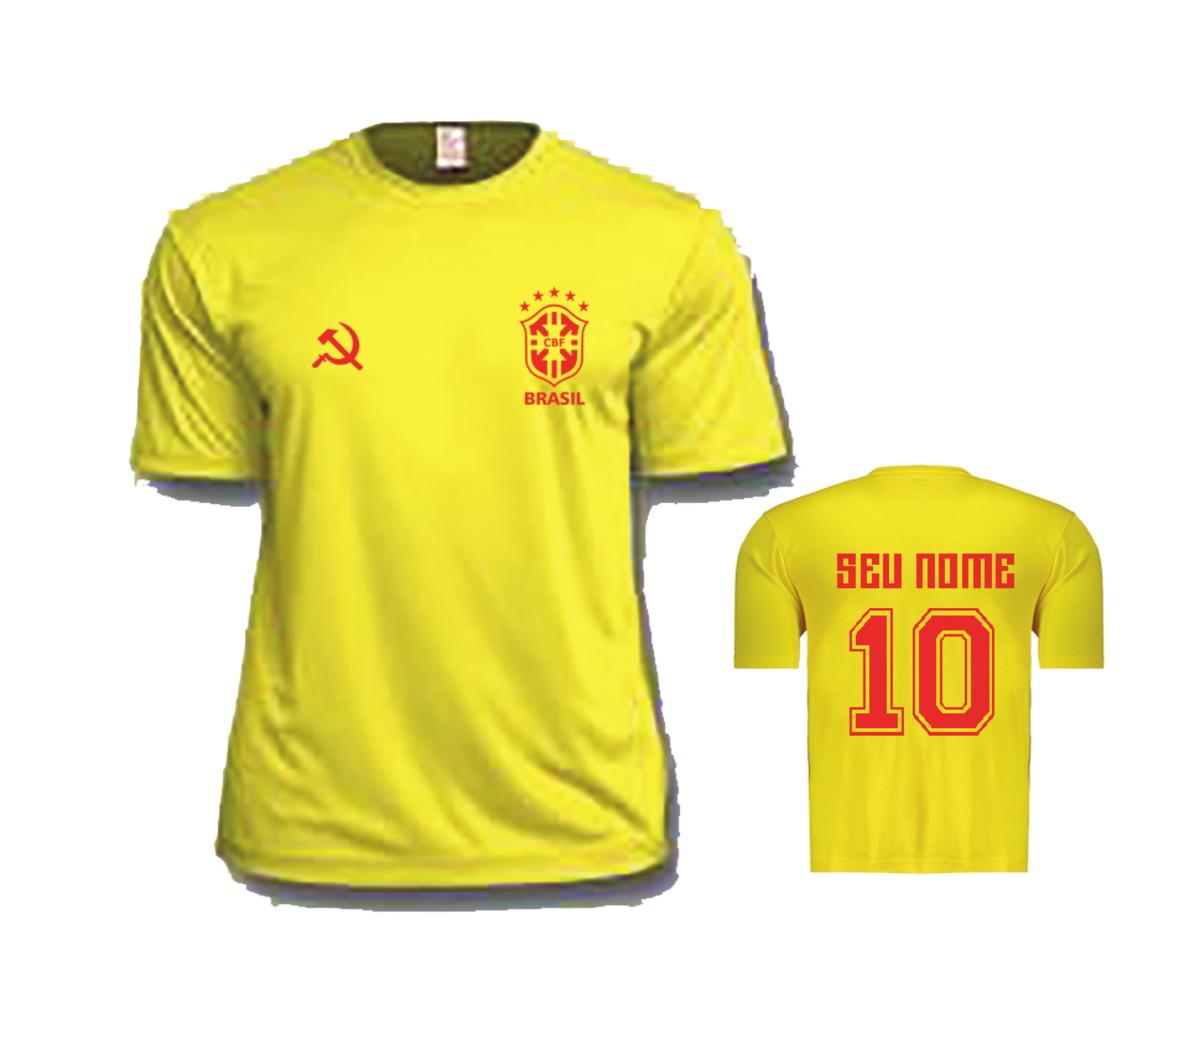 5749581f8f Camisa personalizadas Masc. ou Femin. - 100% algodão - COPA no Elo7 ...